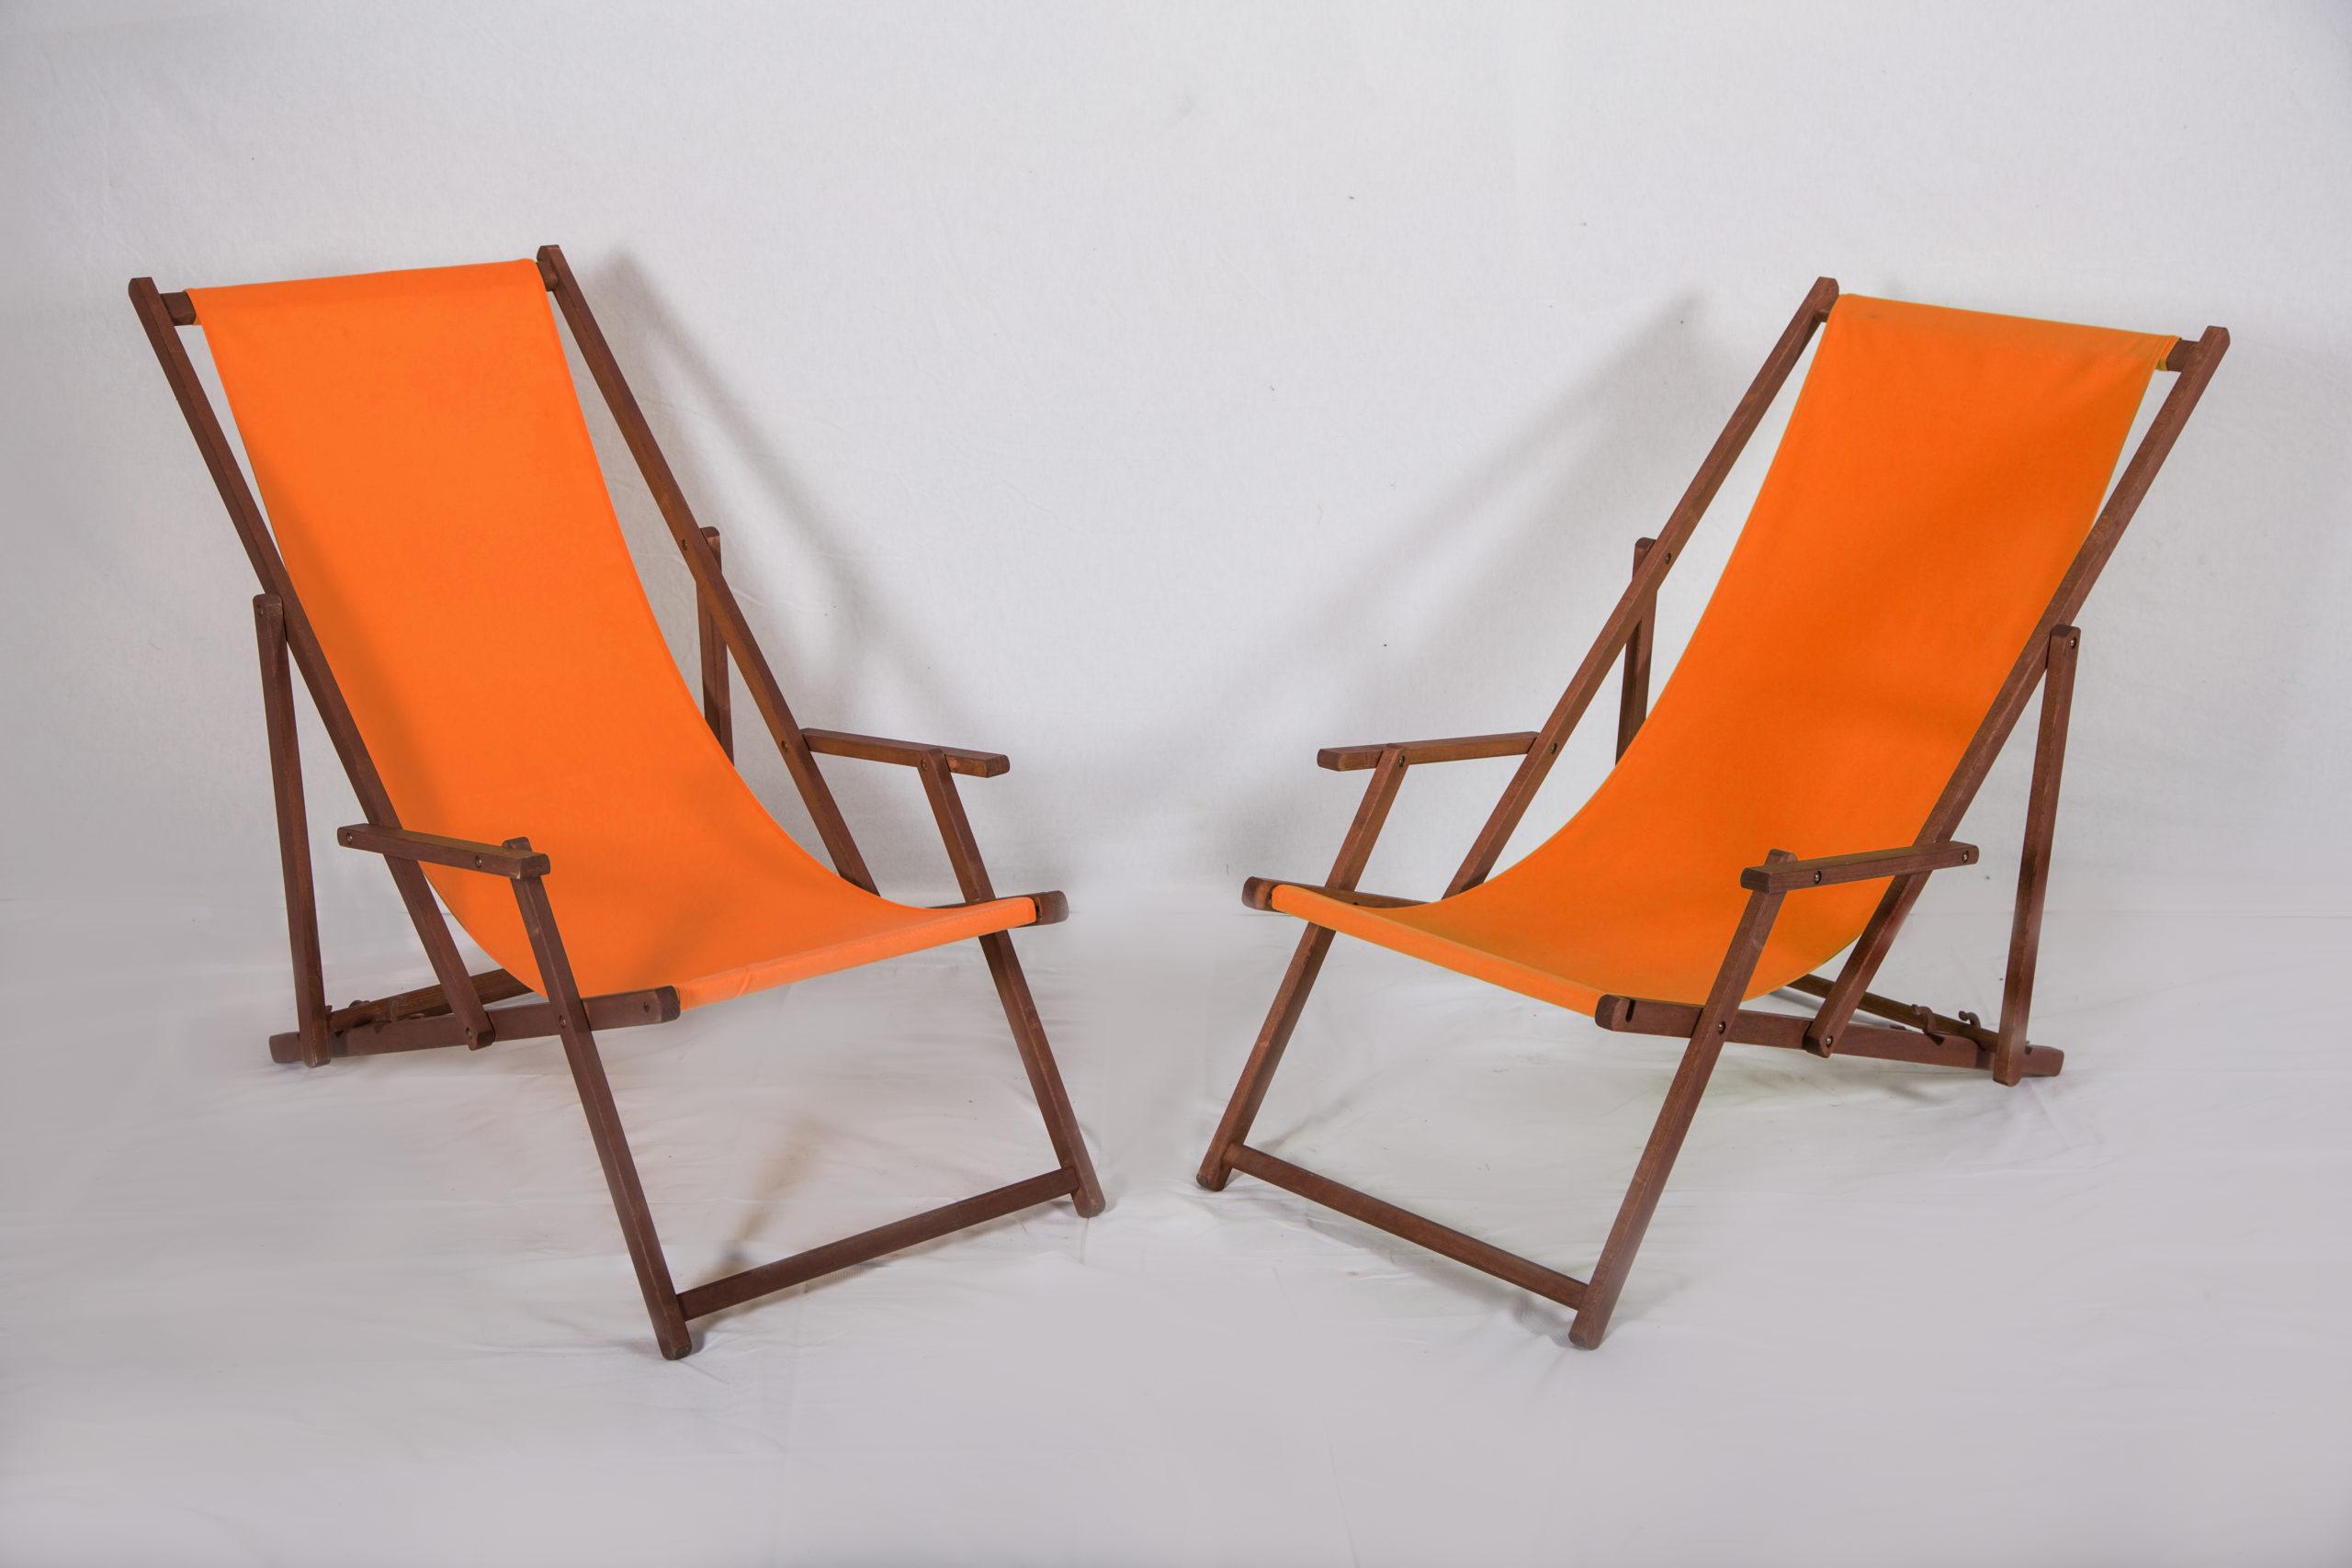 Liegestuhl orange Gartenstuhl aus Holz Stoffbezug